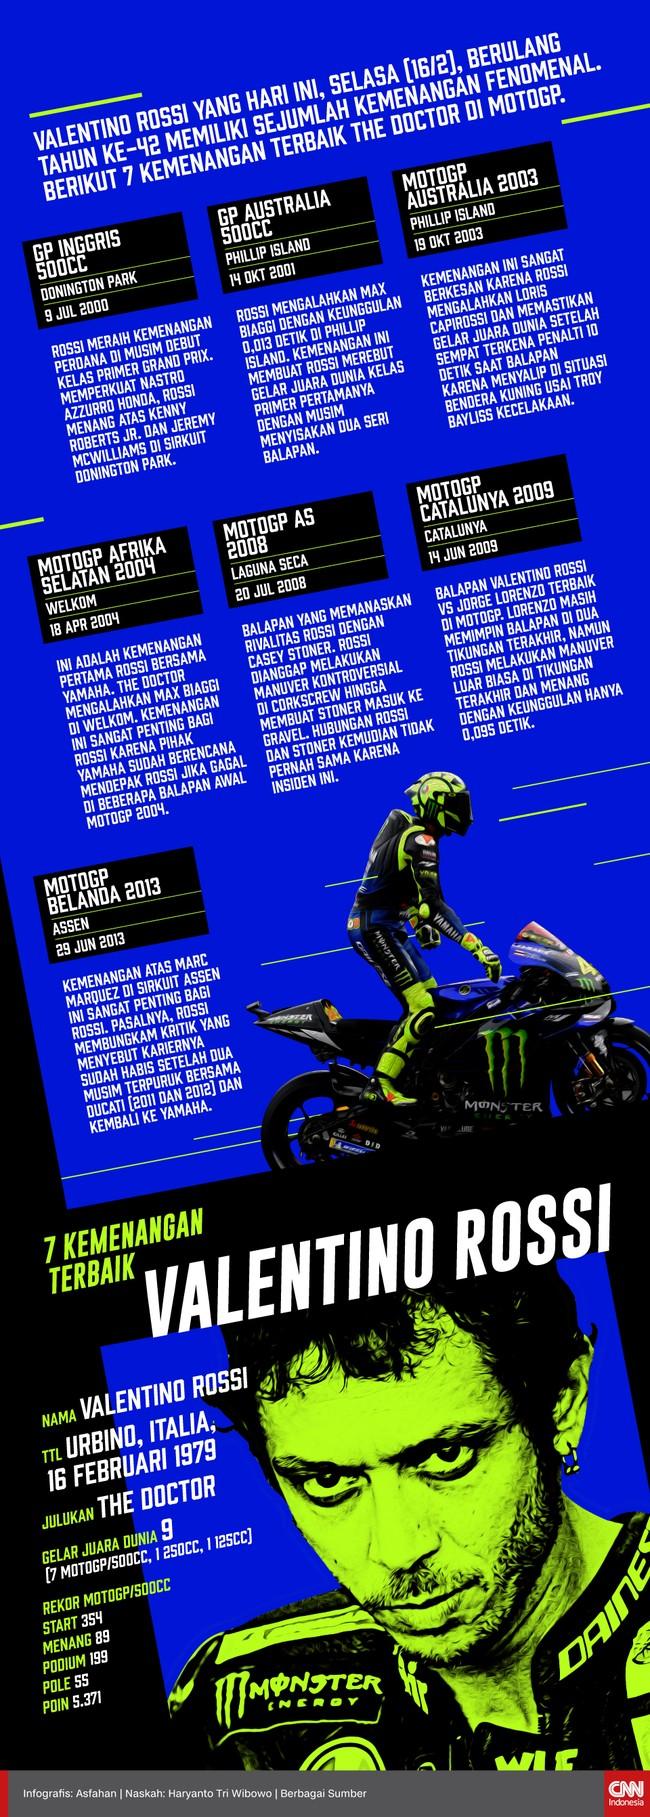 Valentino Rossi yang hari ini berulang tahun ke-42 sering meraih kemenangan fenomenal. Berikut 7 kemenangan terbaik The Doctor di MotoGP.